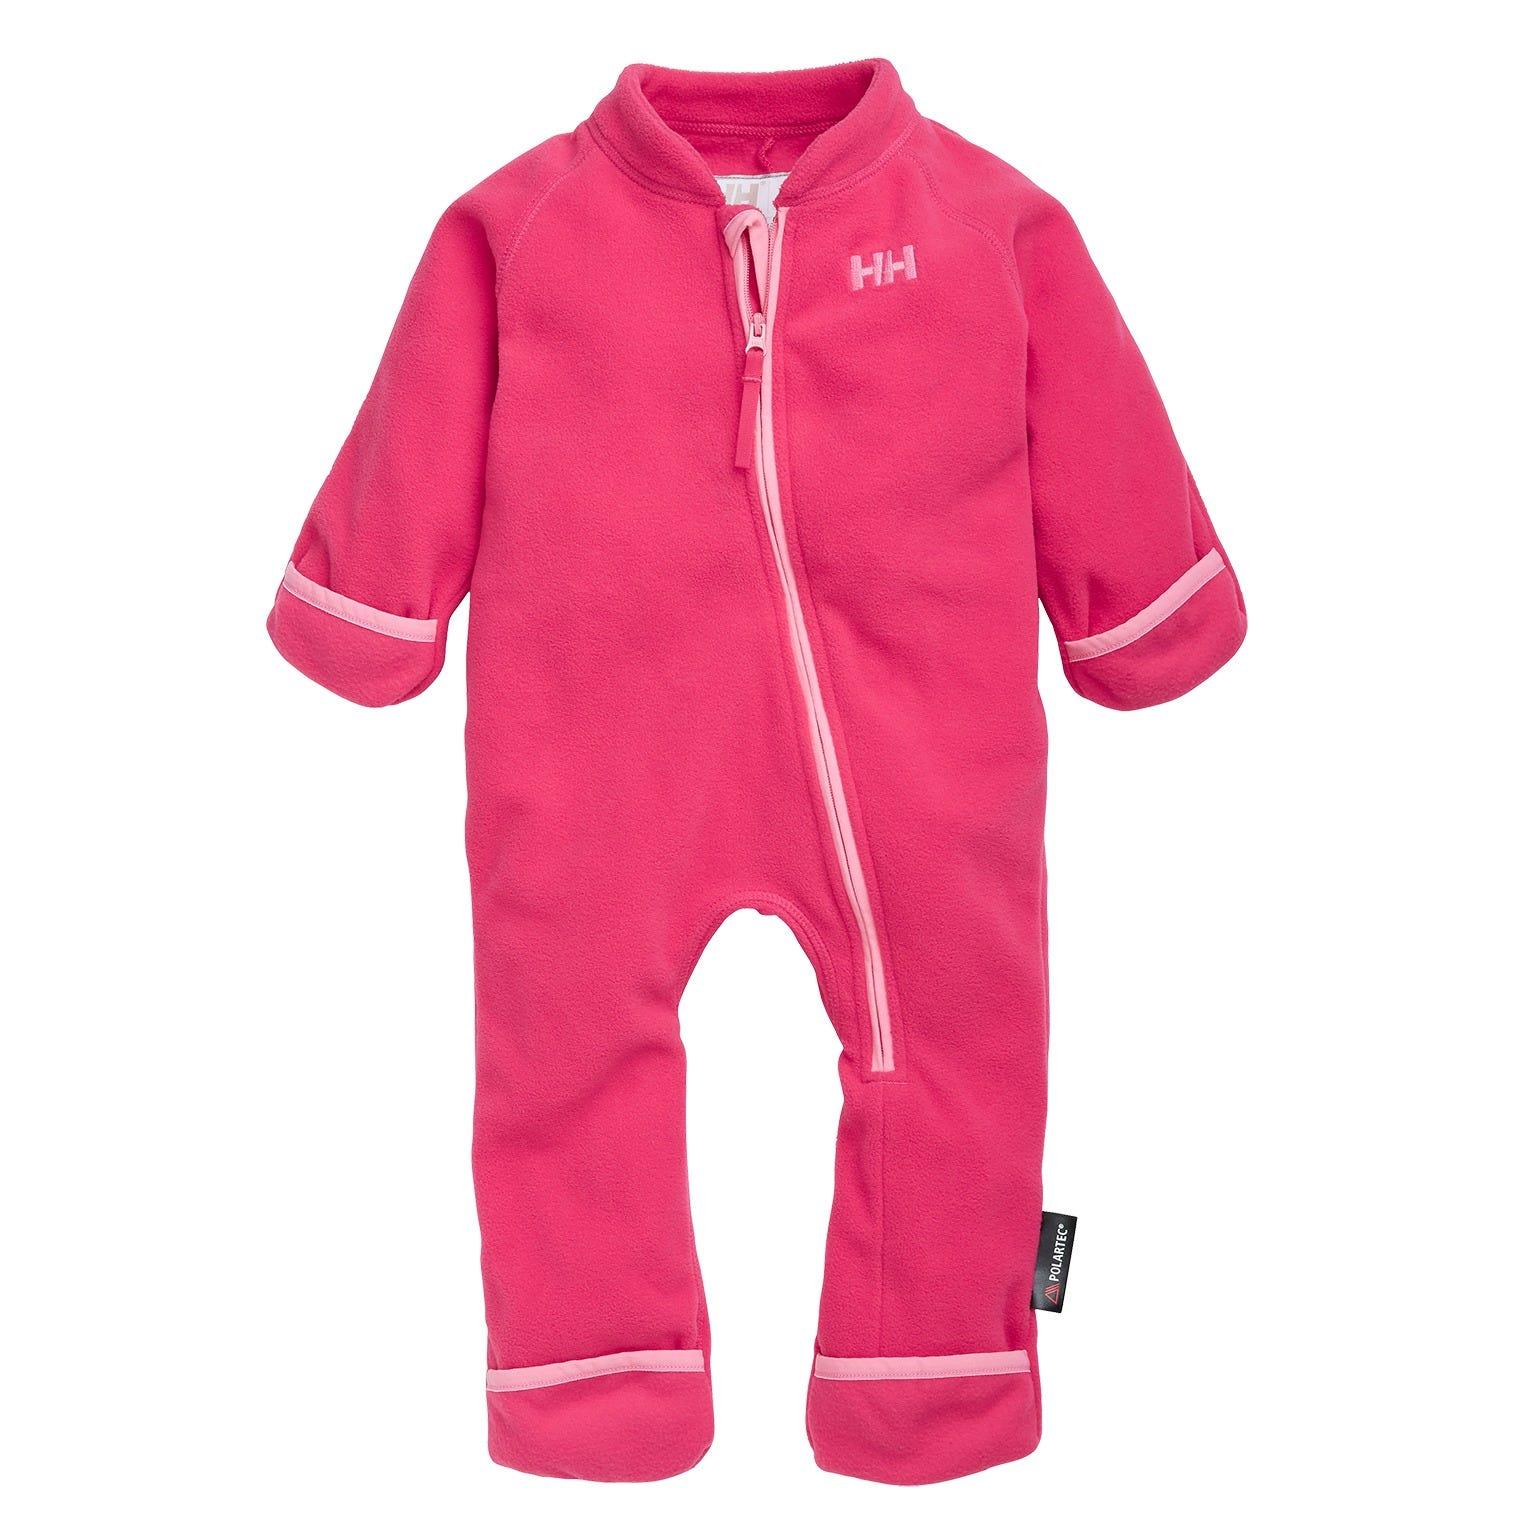 Helly Hansen Baby Legacy Fleece Suit Kids Pink 74/9M